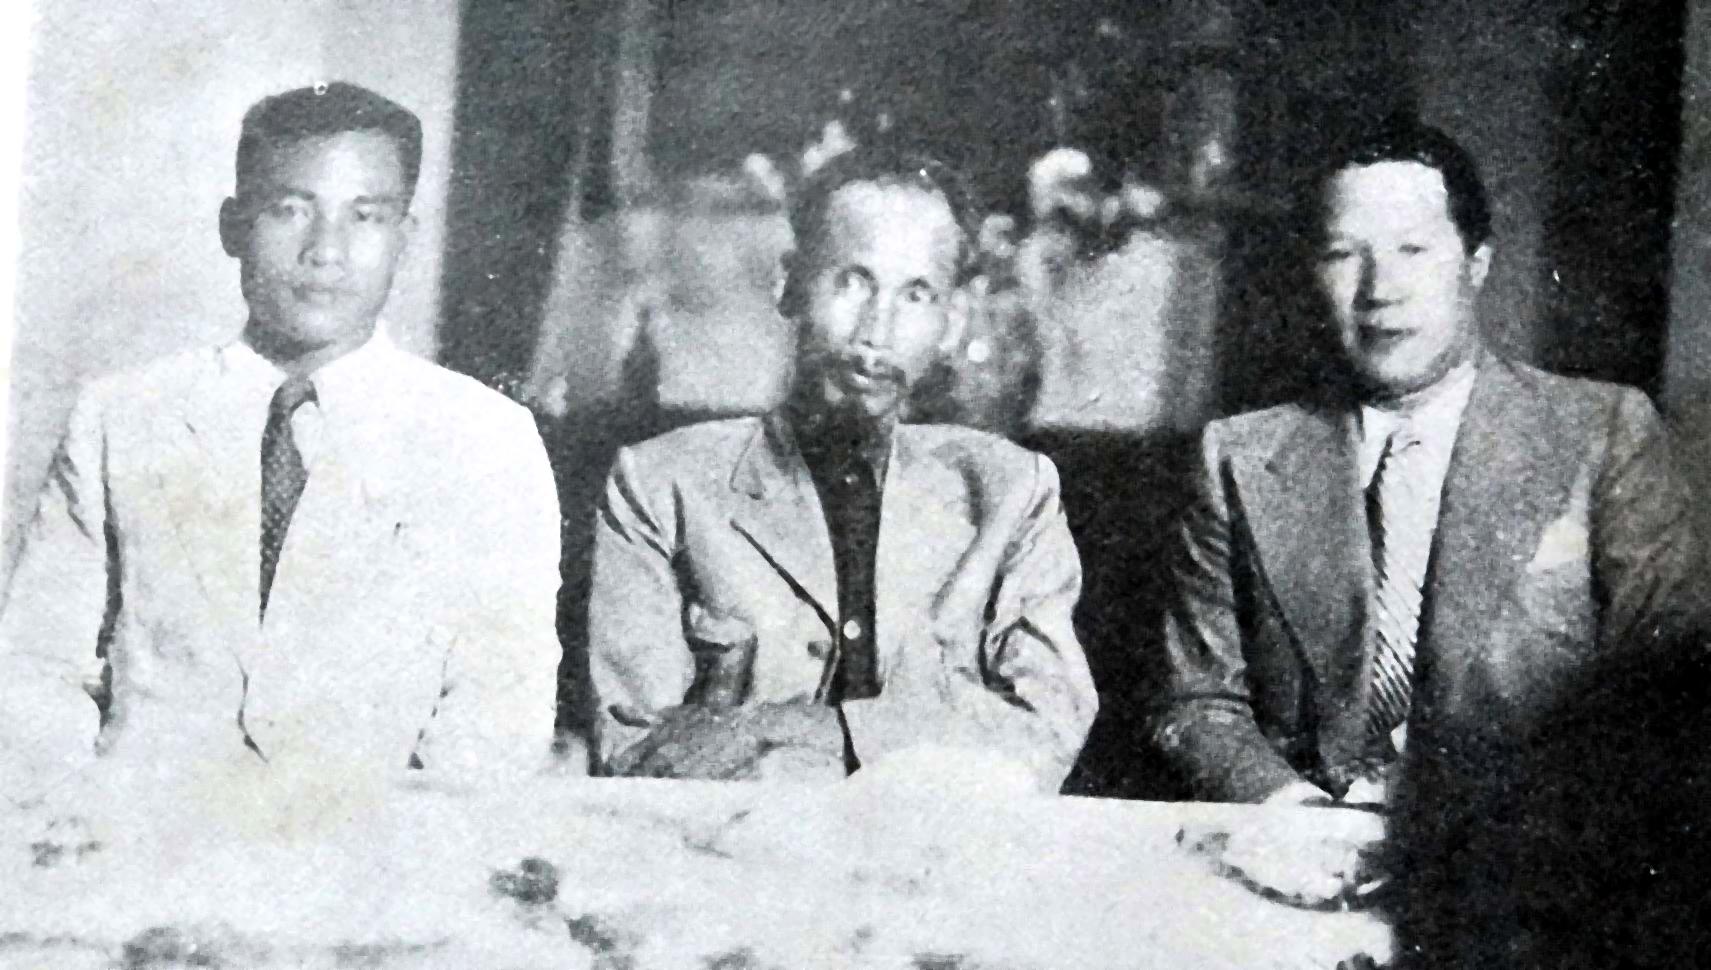 Hồi ký của cựu hoàng Bảo Đại về giai đoạn làm cố vấn tối cao cho chính phủ Hồ Chí Minh